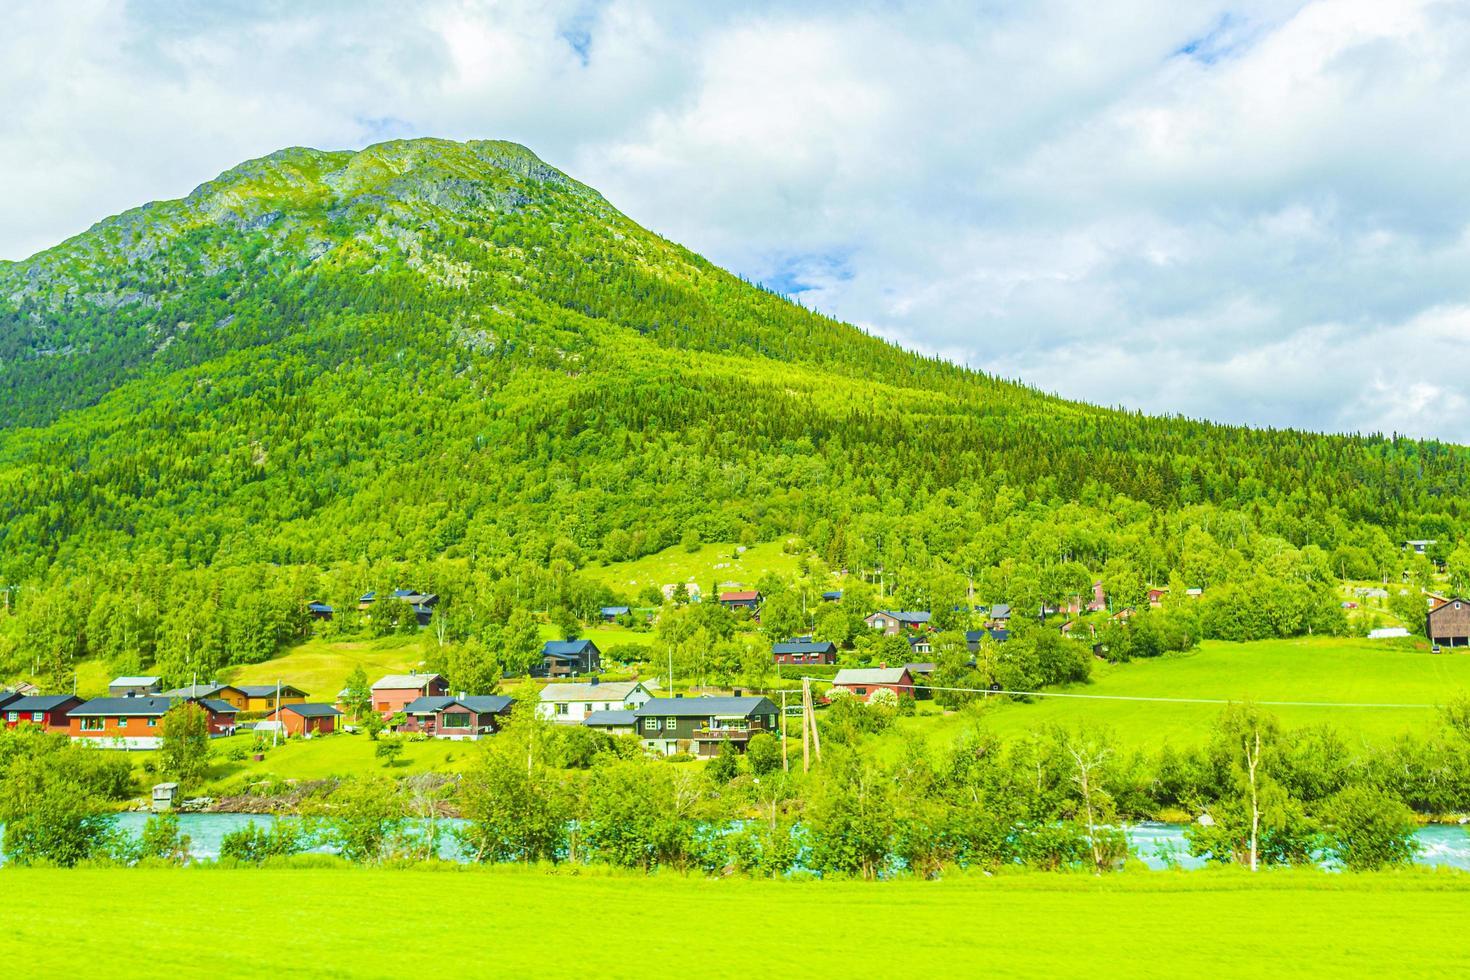 El agua de deshielo turquesa fluye en un río a través de una aldea en Noruega. foto